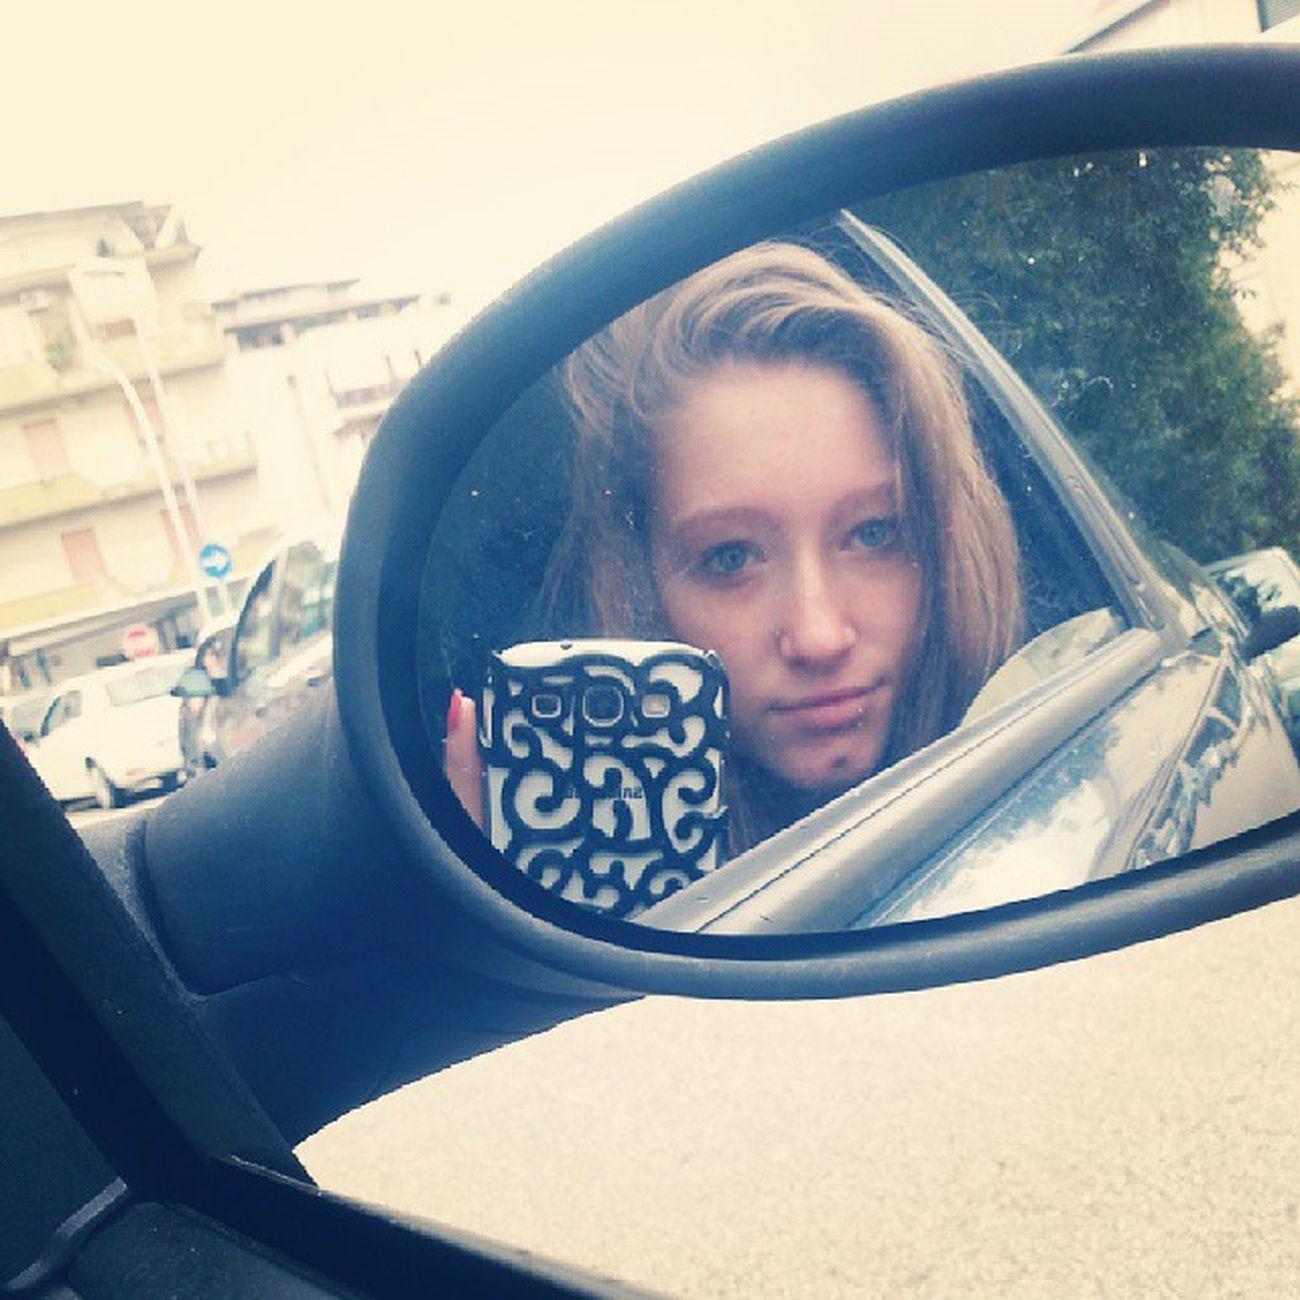 School Yesterday Specchietto Italy ruebeautifuleyessmilesisterbruttotemporaintagsforlikelikeinstagoodfollowmehairblondeablondehairlipskarmaloopkarmalookfashionombrellorihannasongwintercutelovelovelywinterciaohello